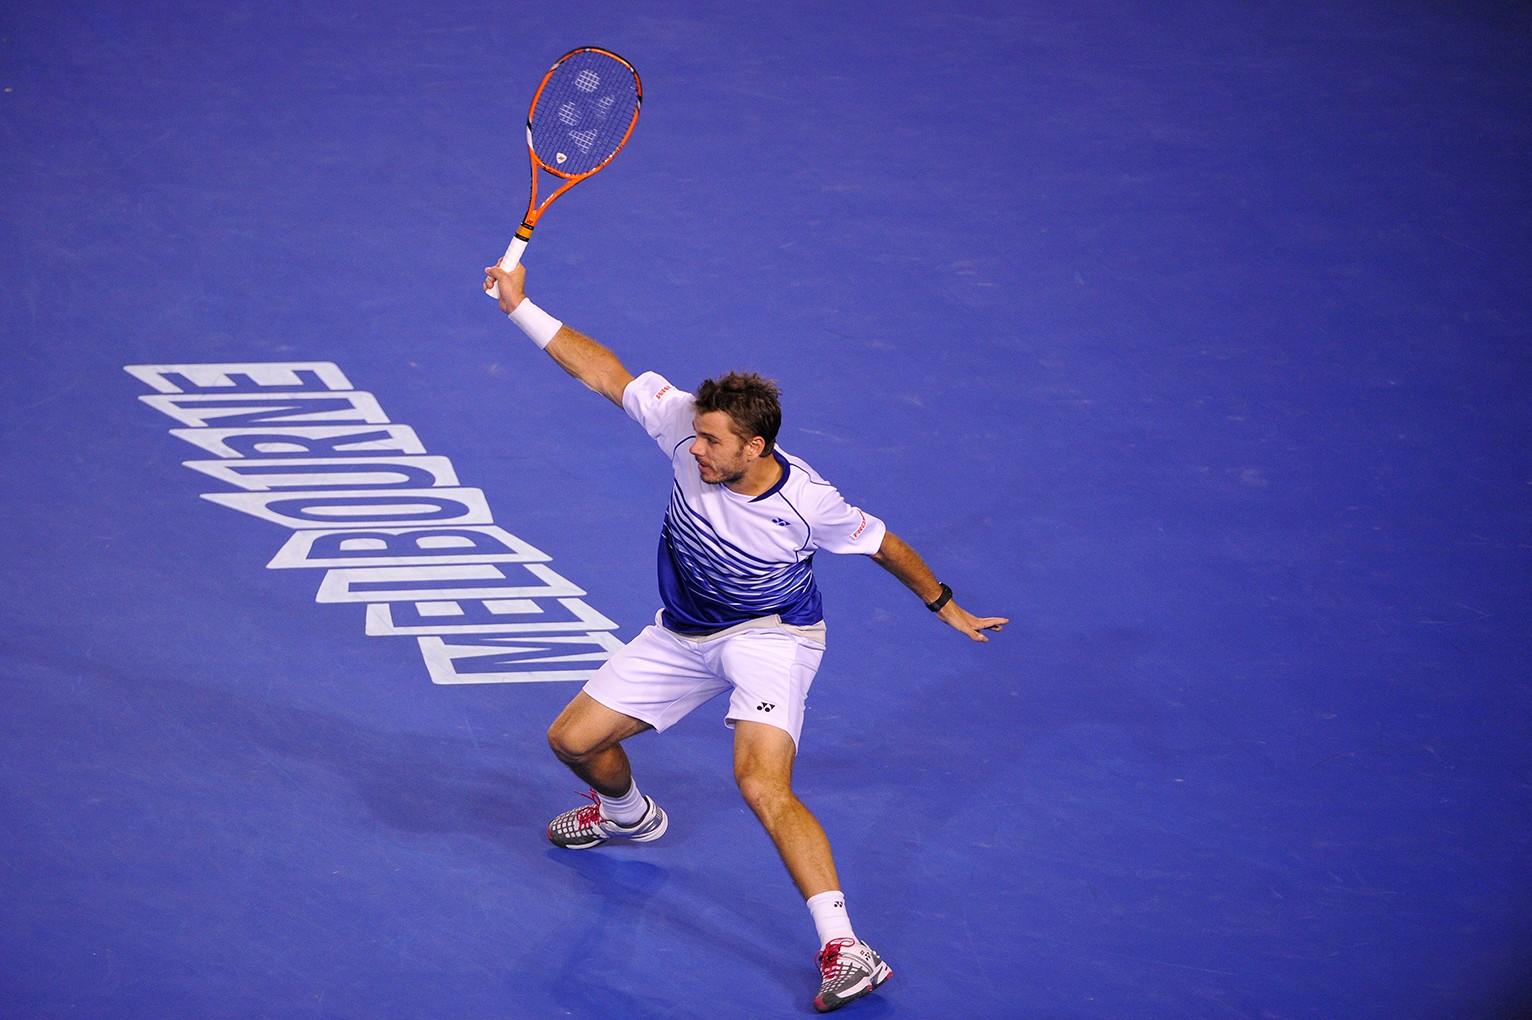 Stanislas Wawrinka avait remporté l'édition 2014 de l'Open d'Australie